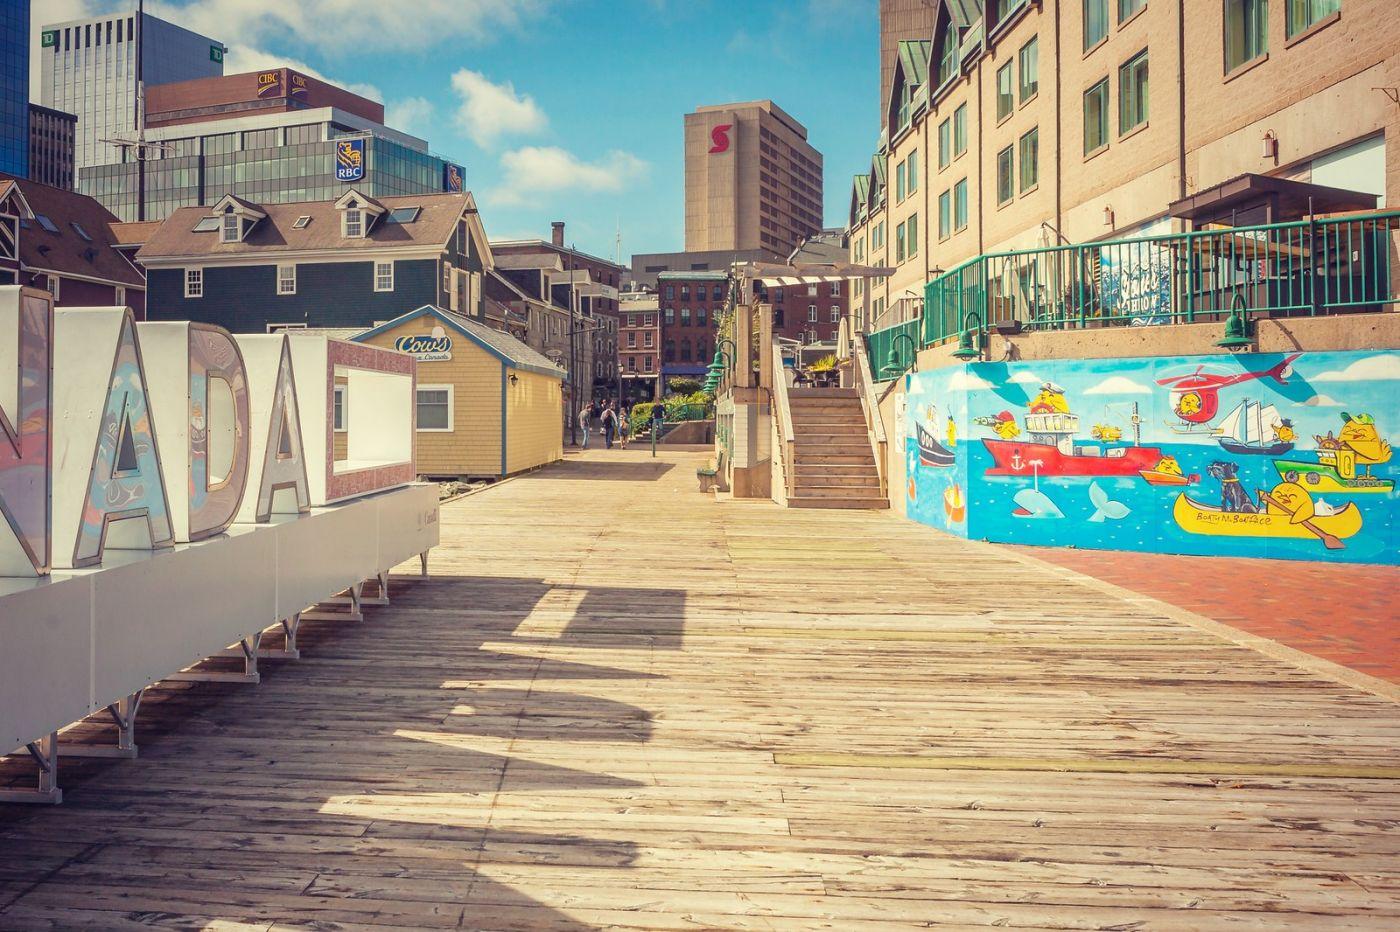 加拿大哈利法克斯(Halifax),很温馨的小城_图1-13